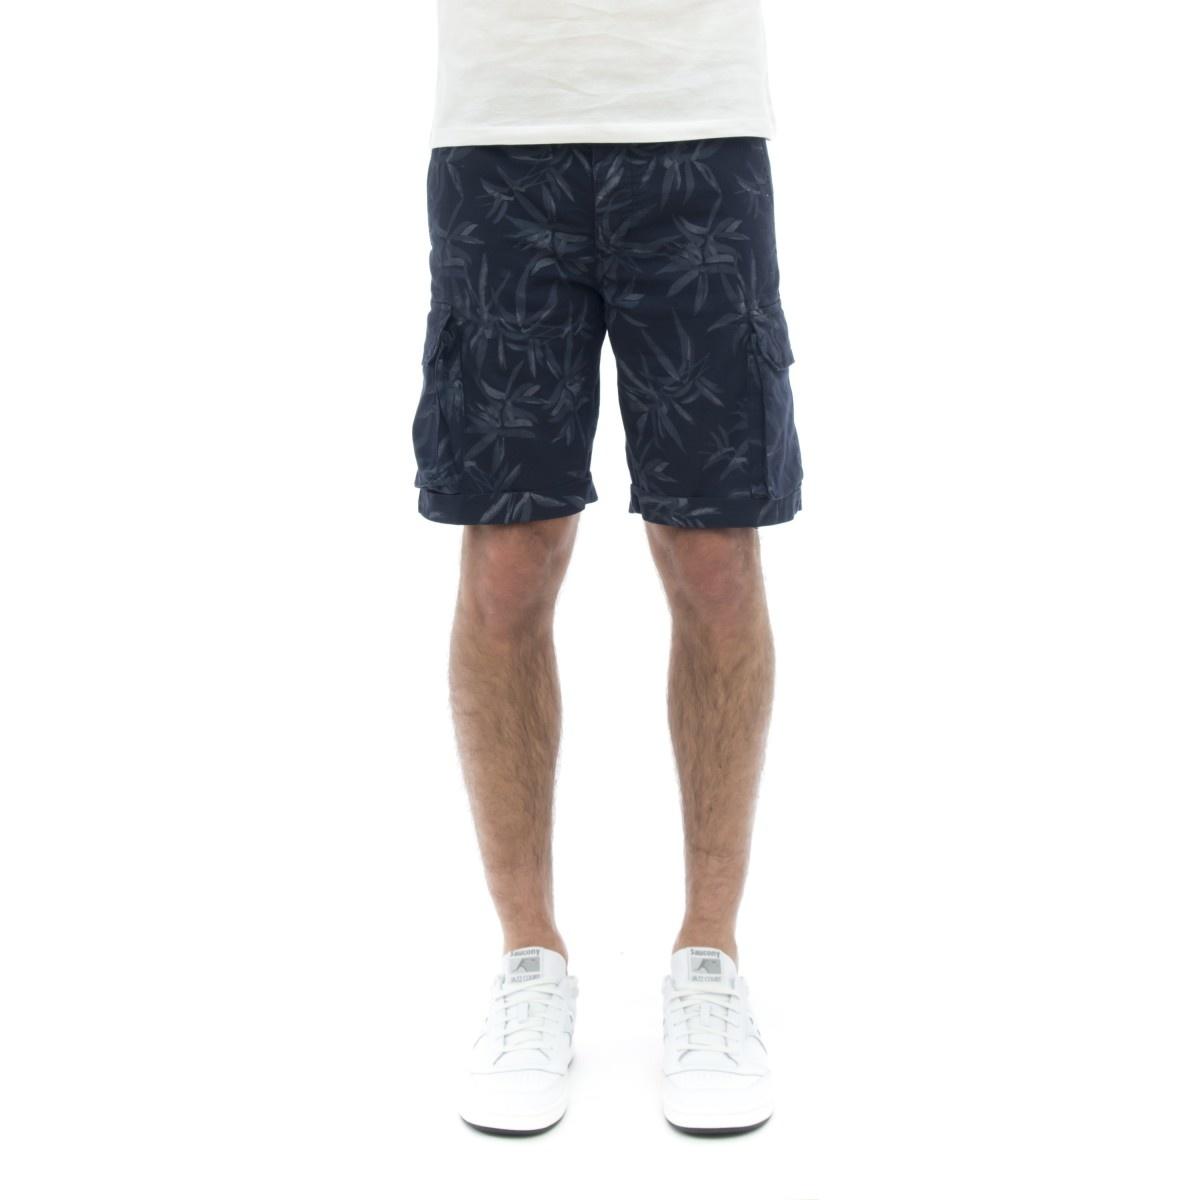 40 Weft shorts 40 Weft 6362-W1738 Nick